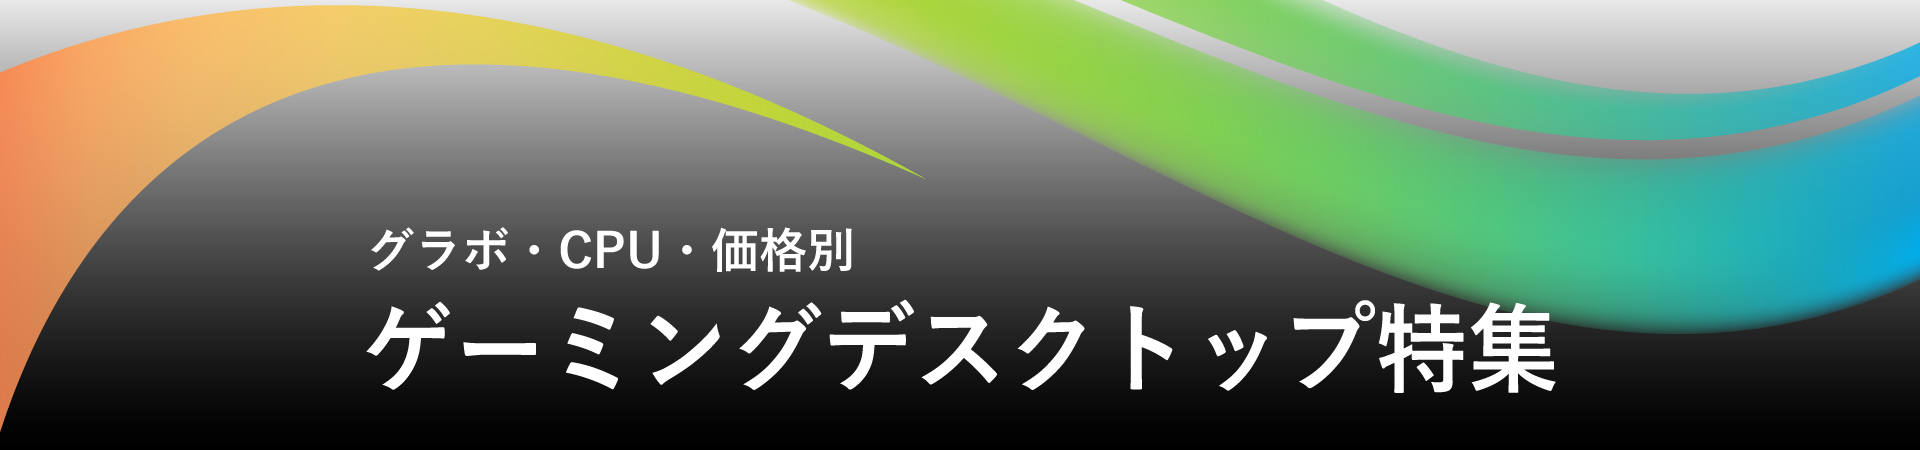 【グラボ・CPU・価格別】ゲーミングデスクトップ特集